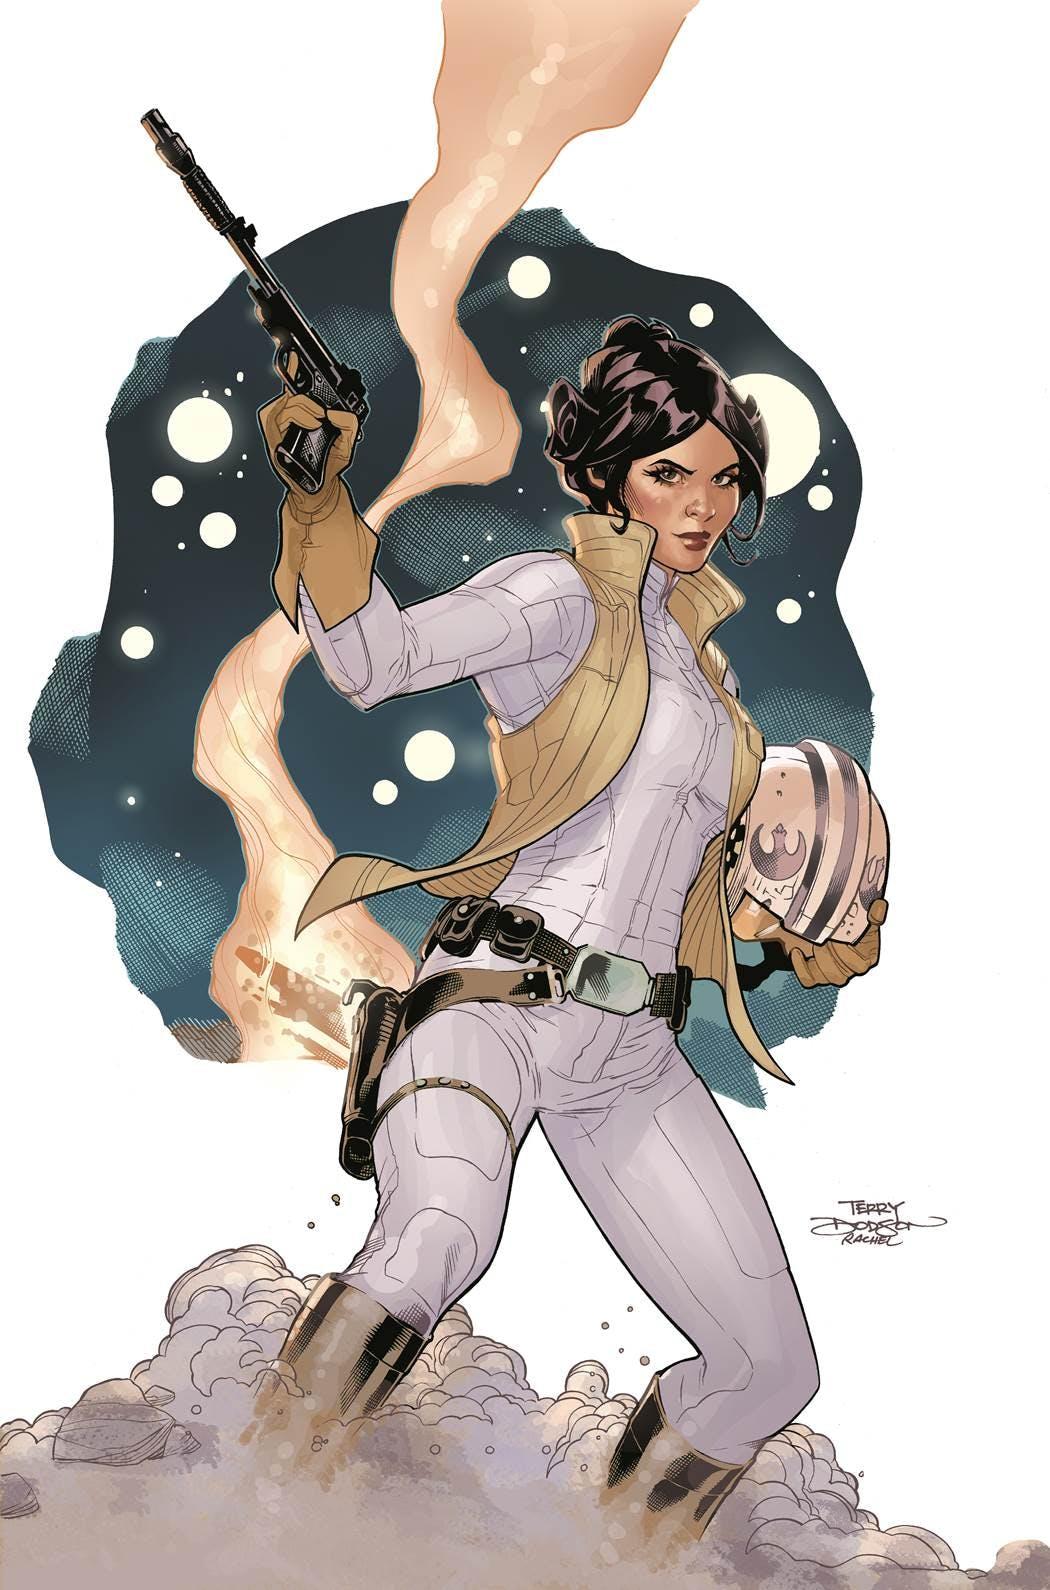 Marvel comics Star Wars